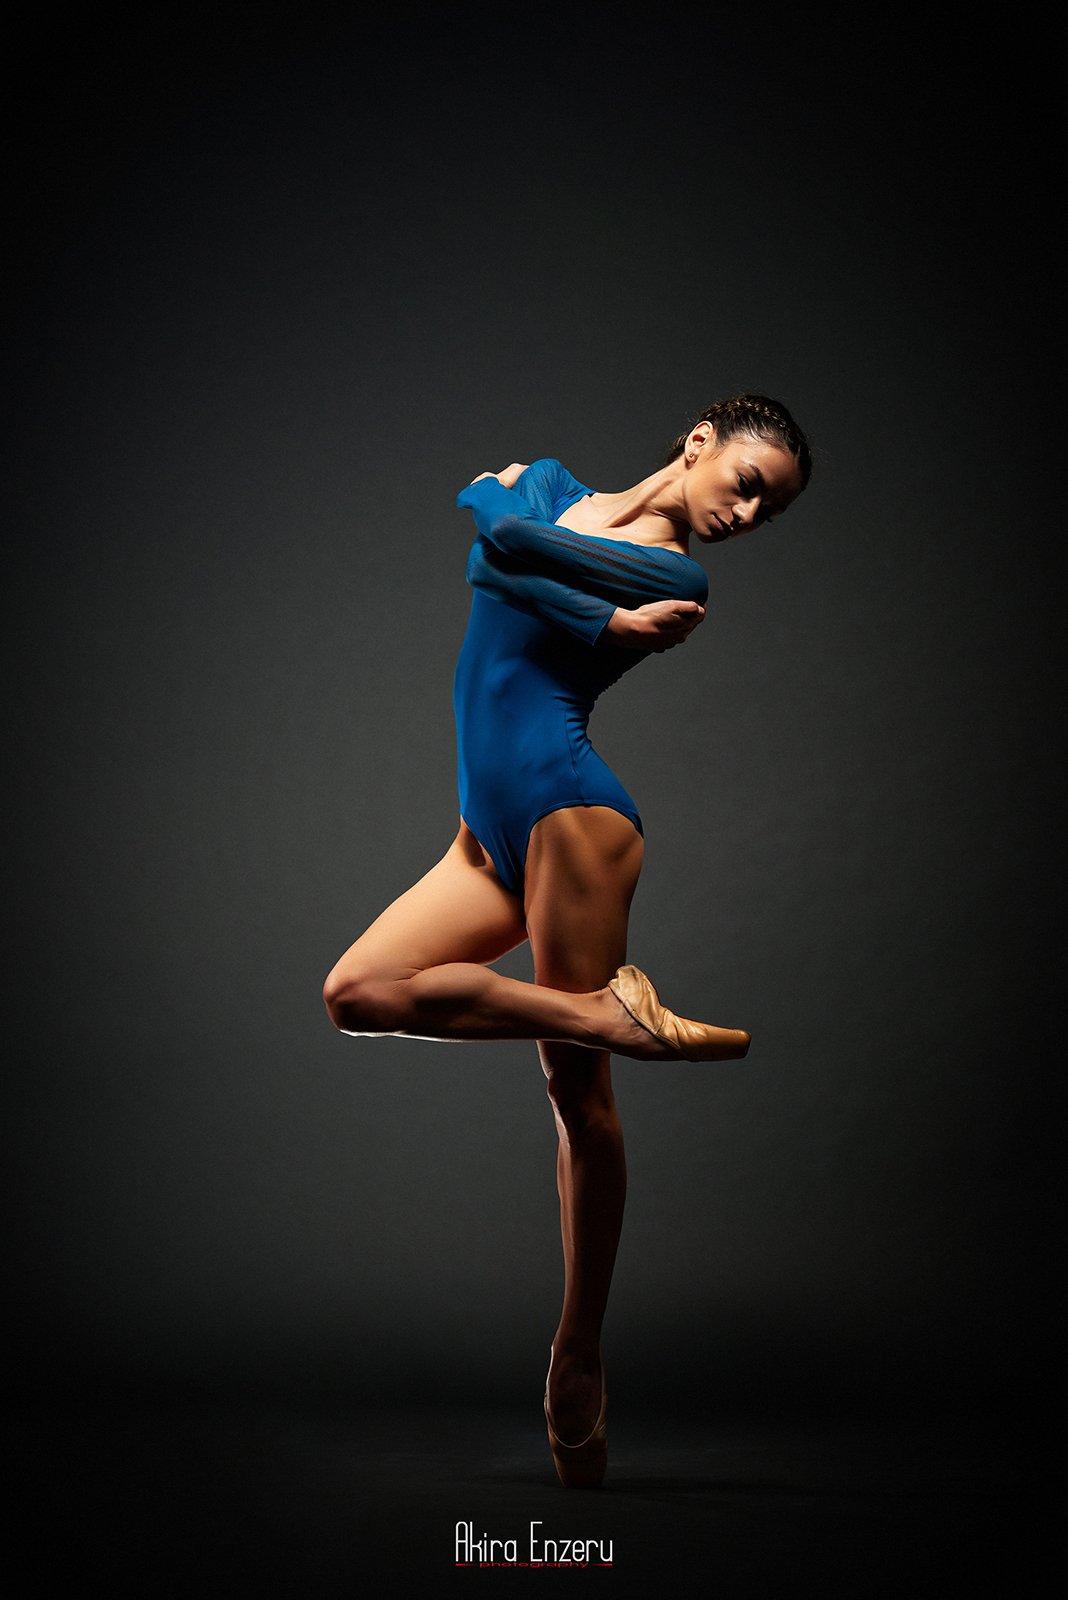 ballet, ballerina, dance, Akira Enzeru